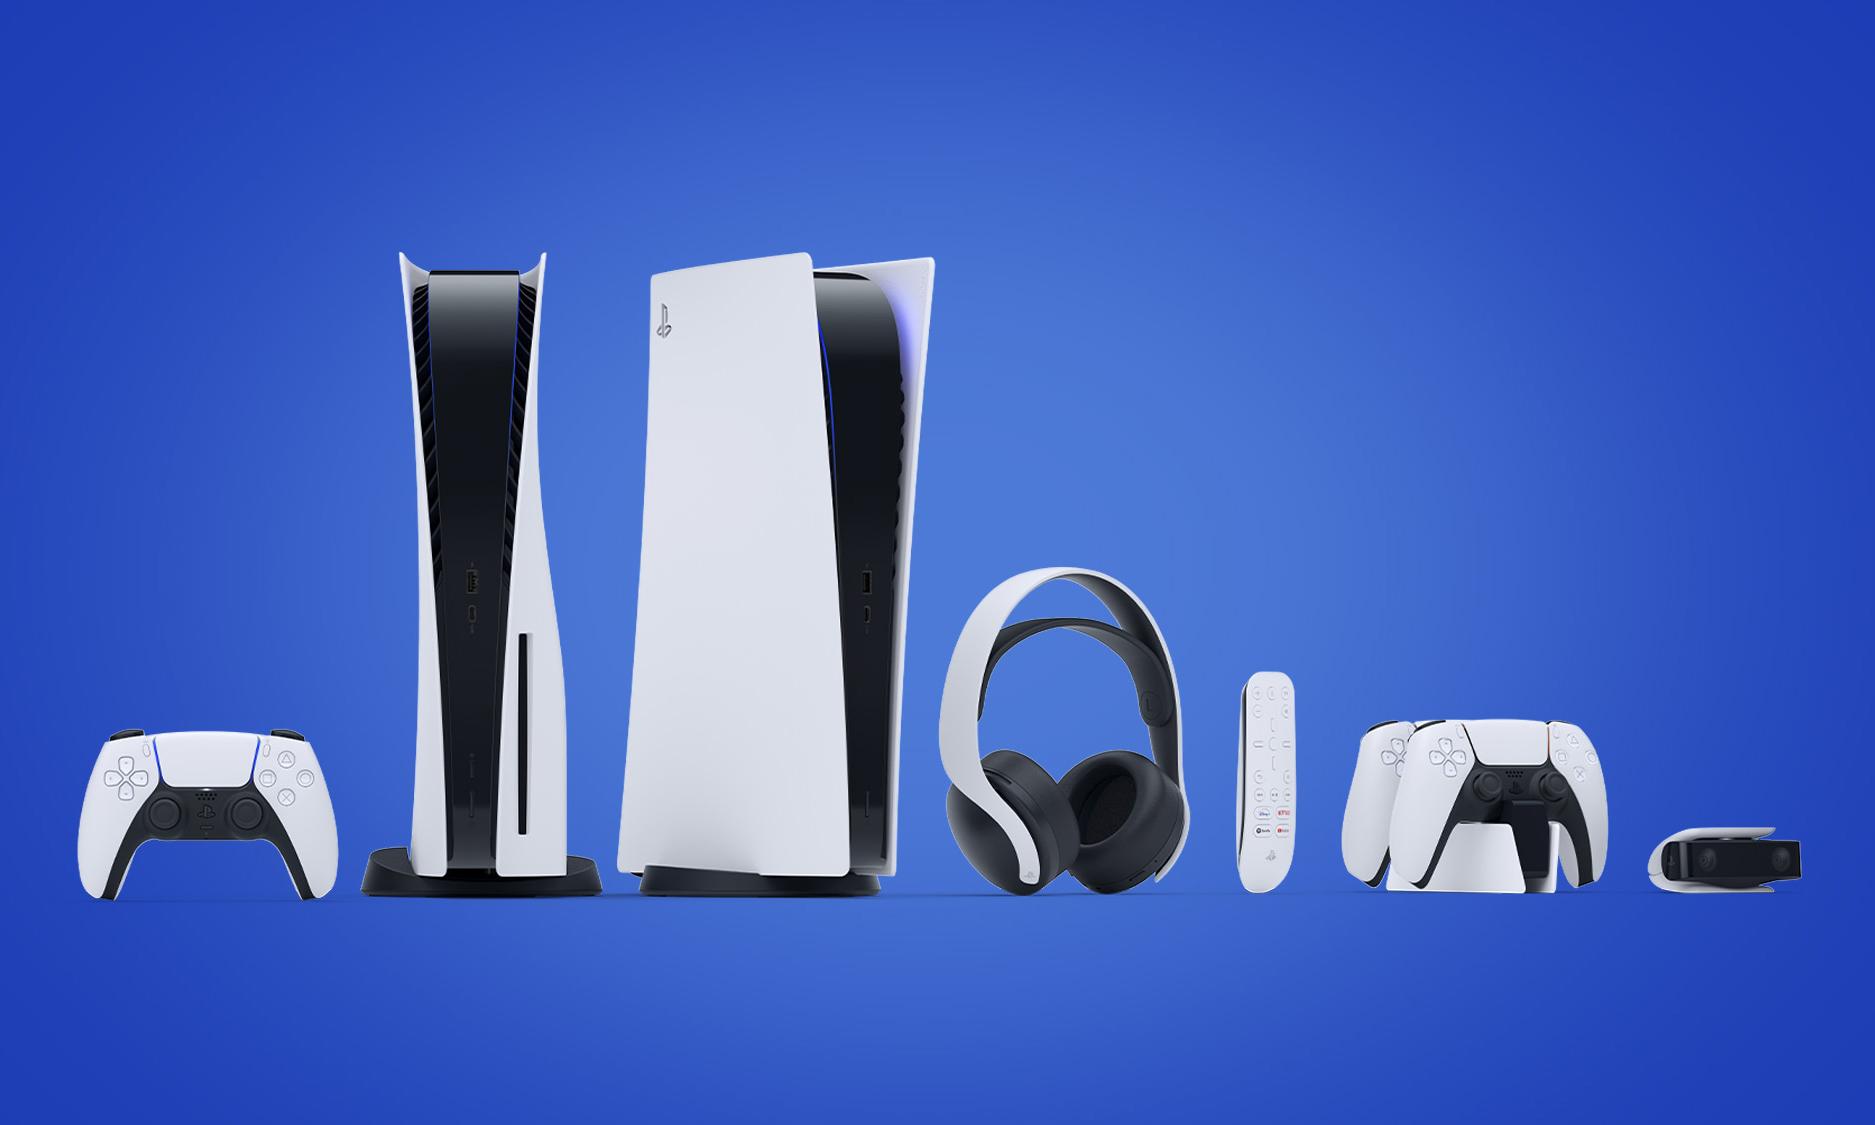 索尼提出 PS5 的高需求量将会延续到明年